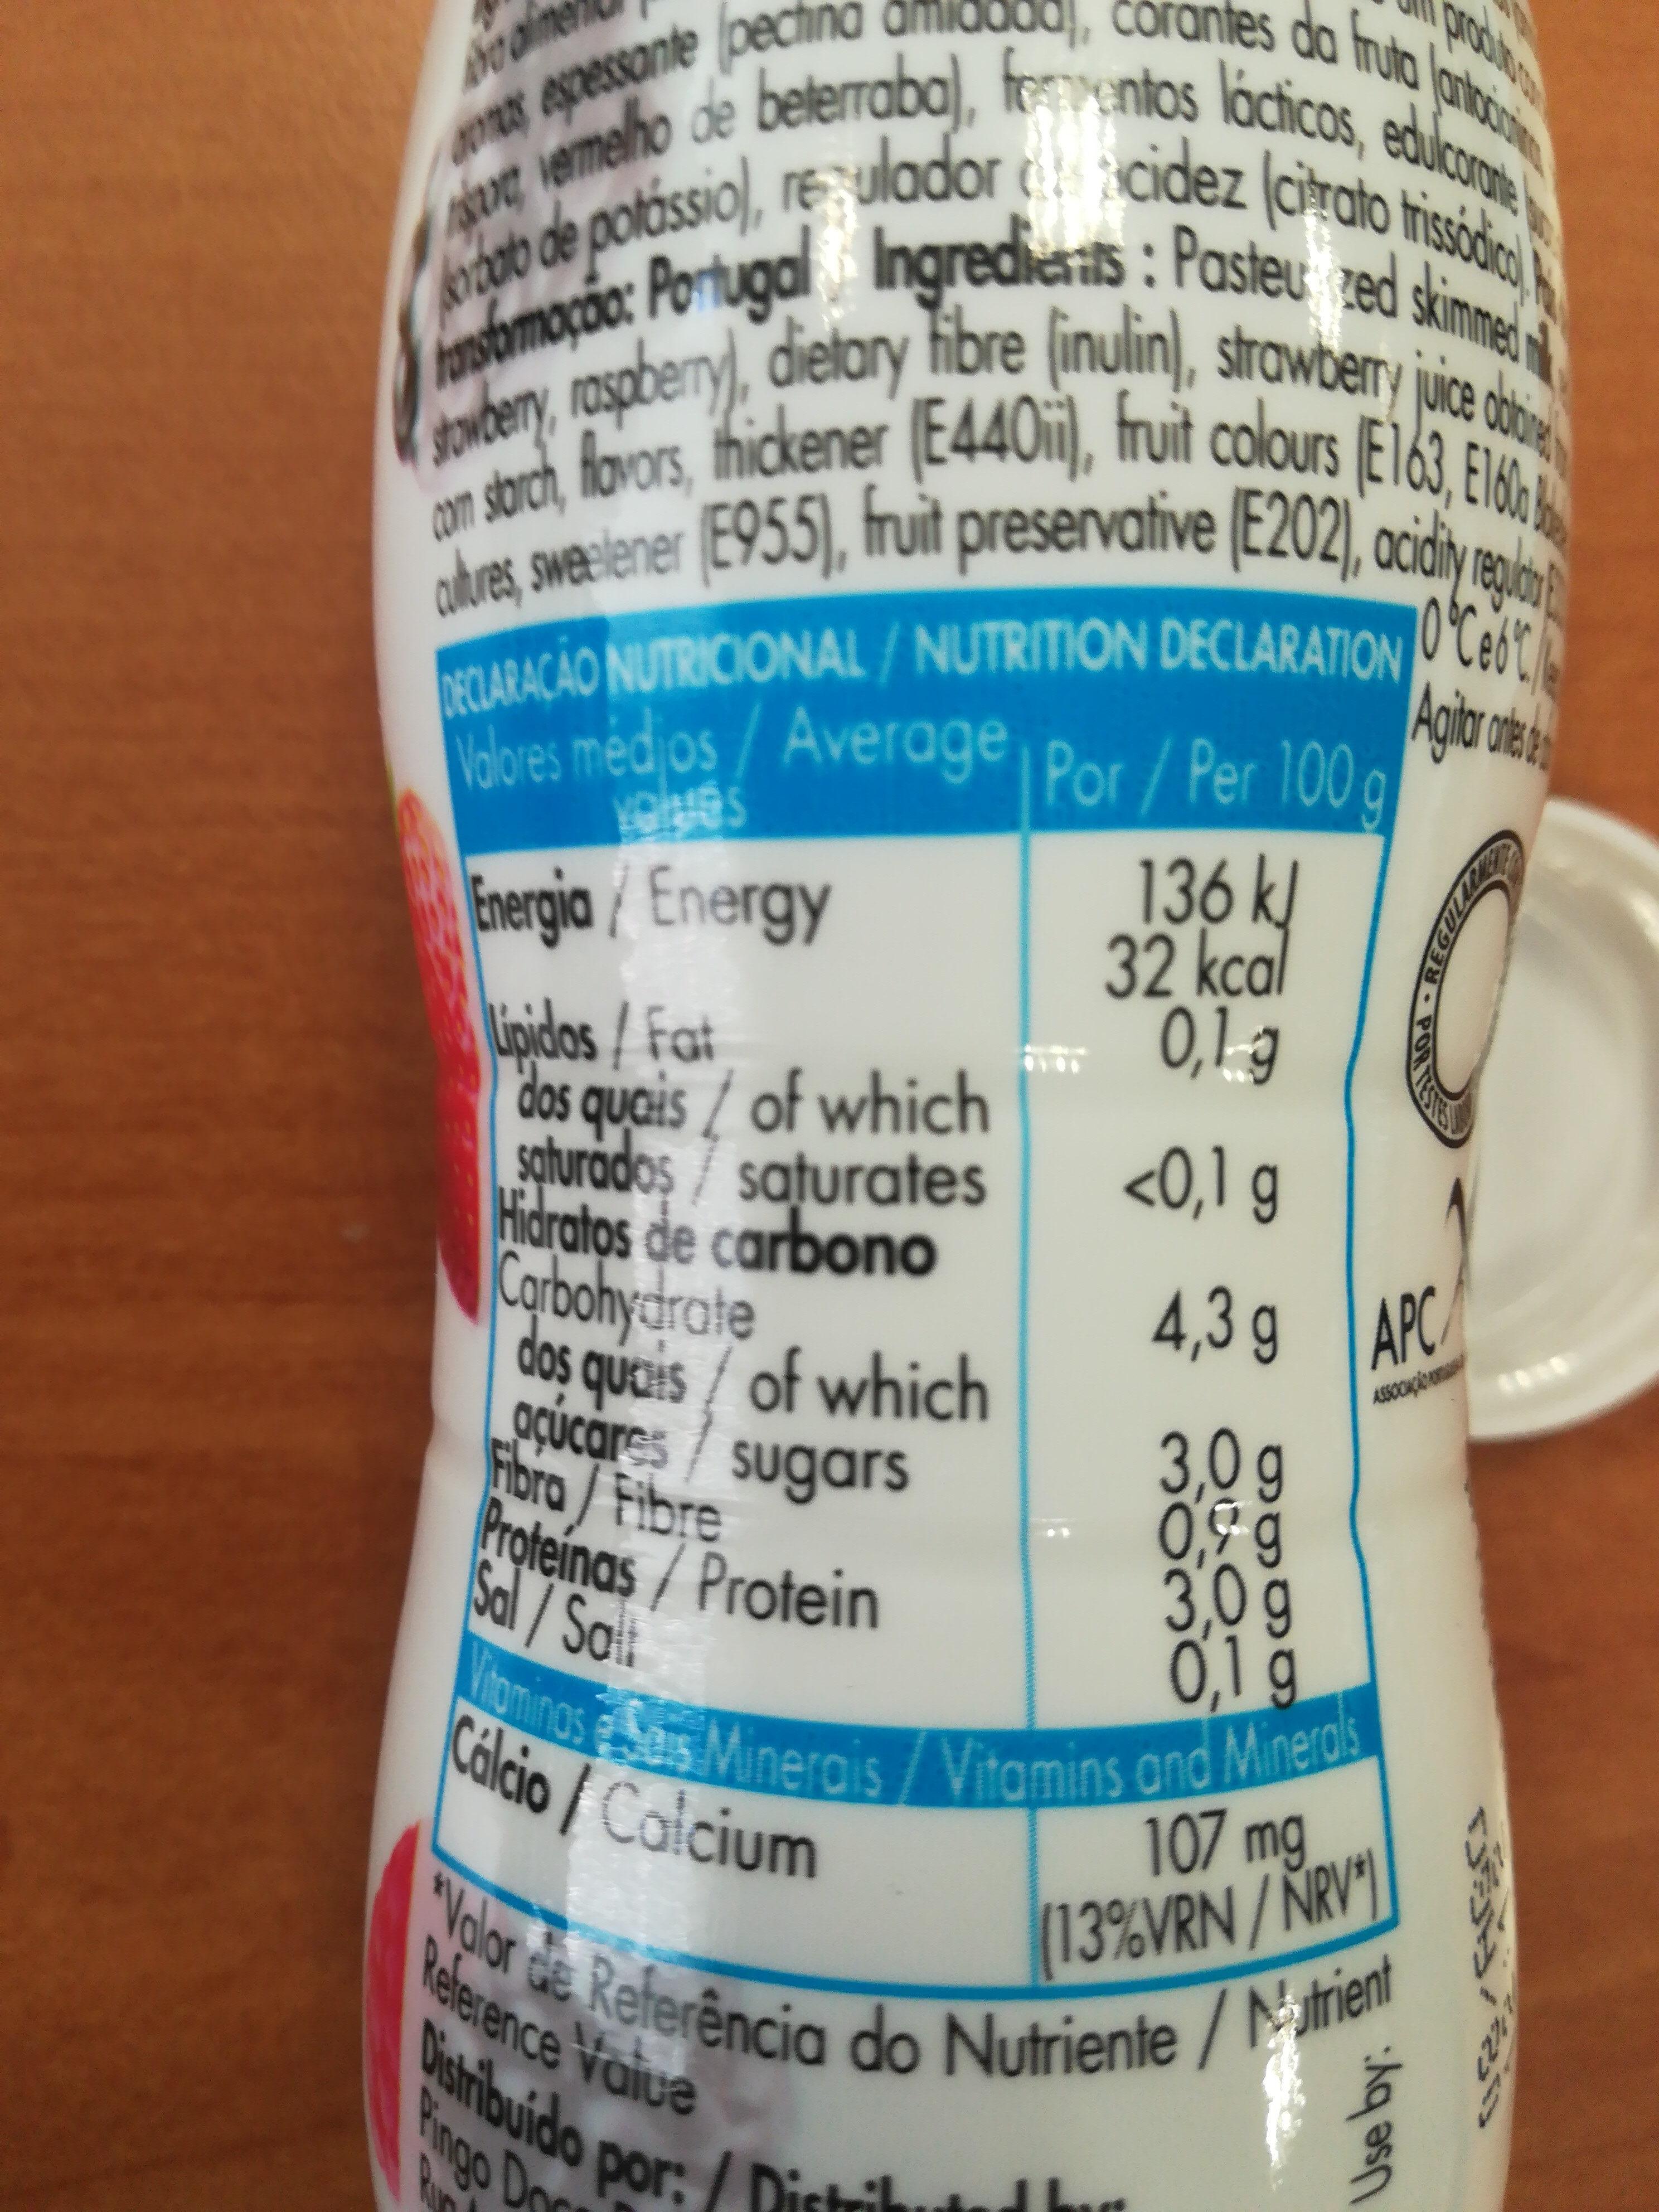 Iogurte magro - Informação nutricional - pt